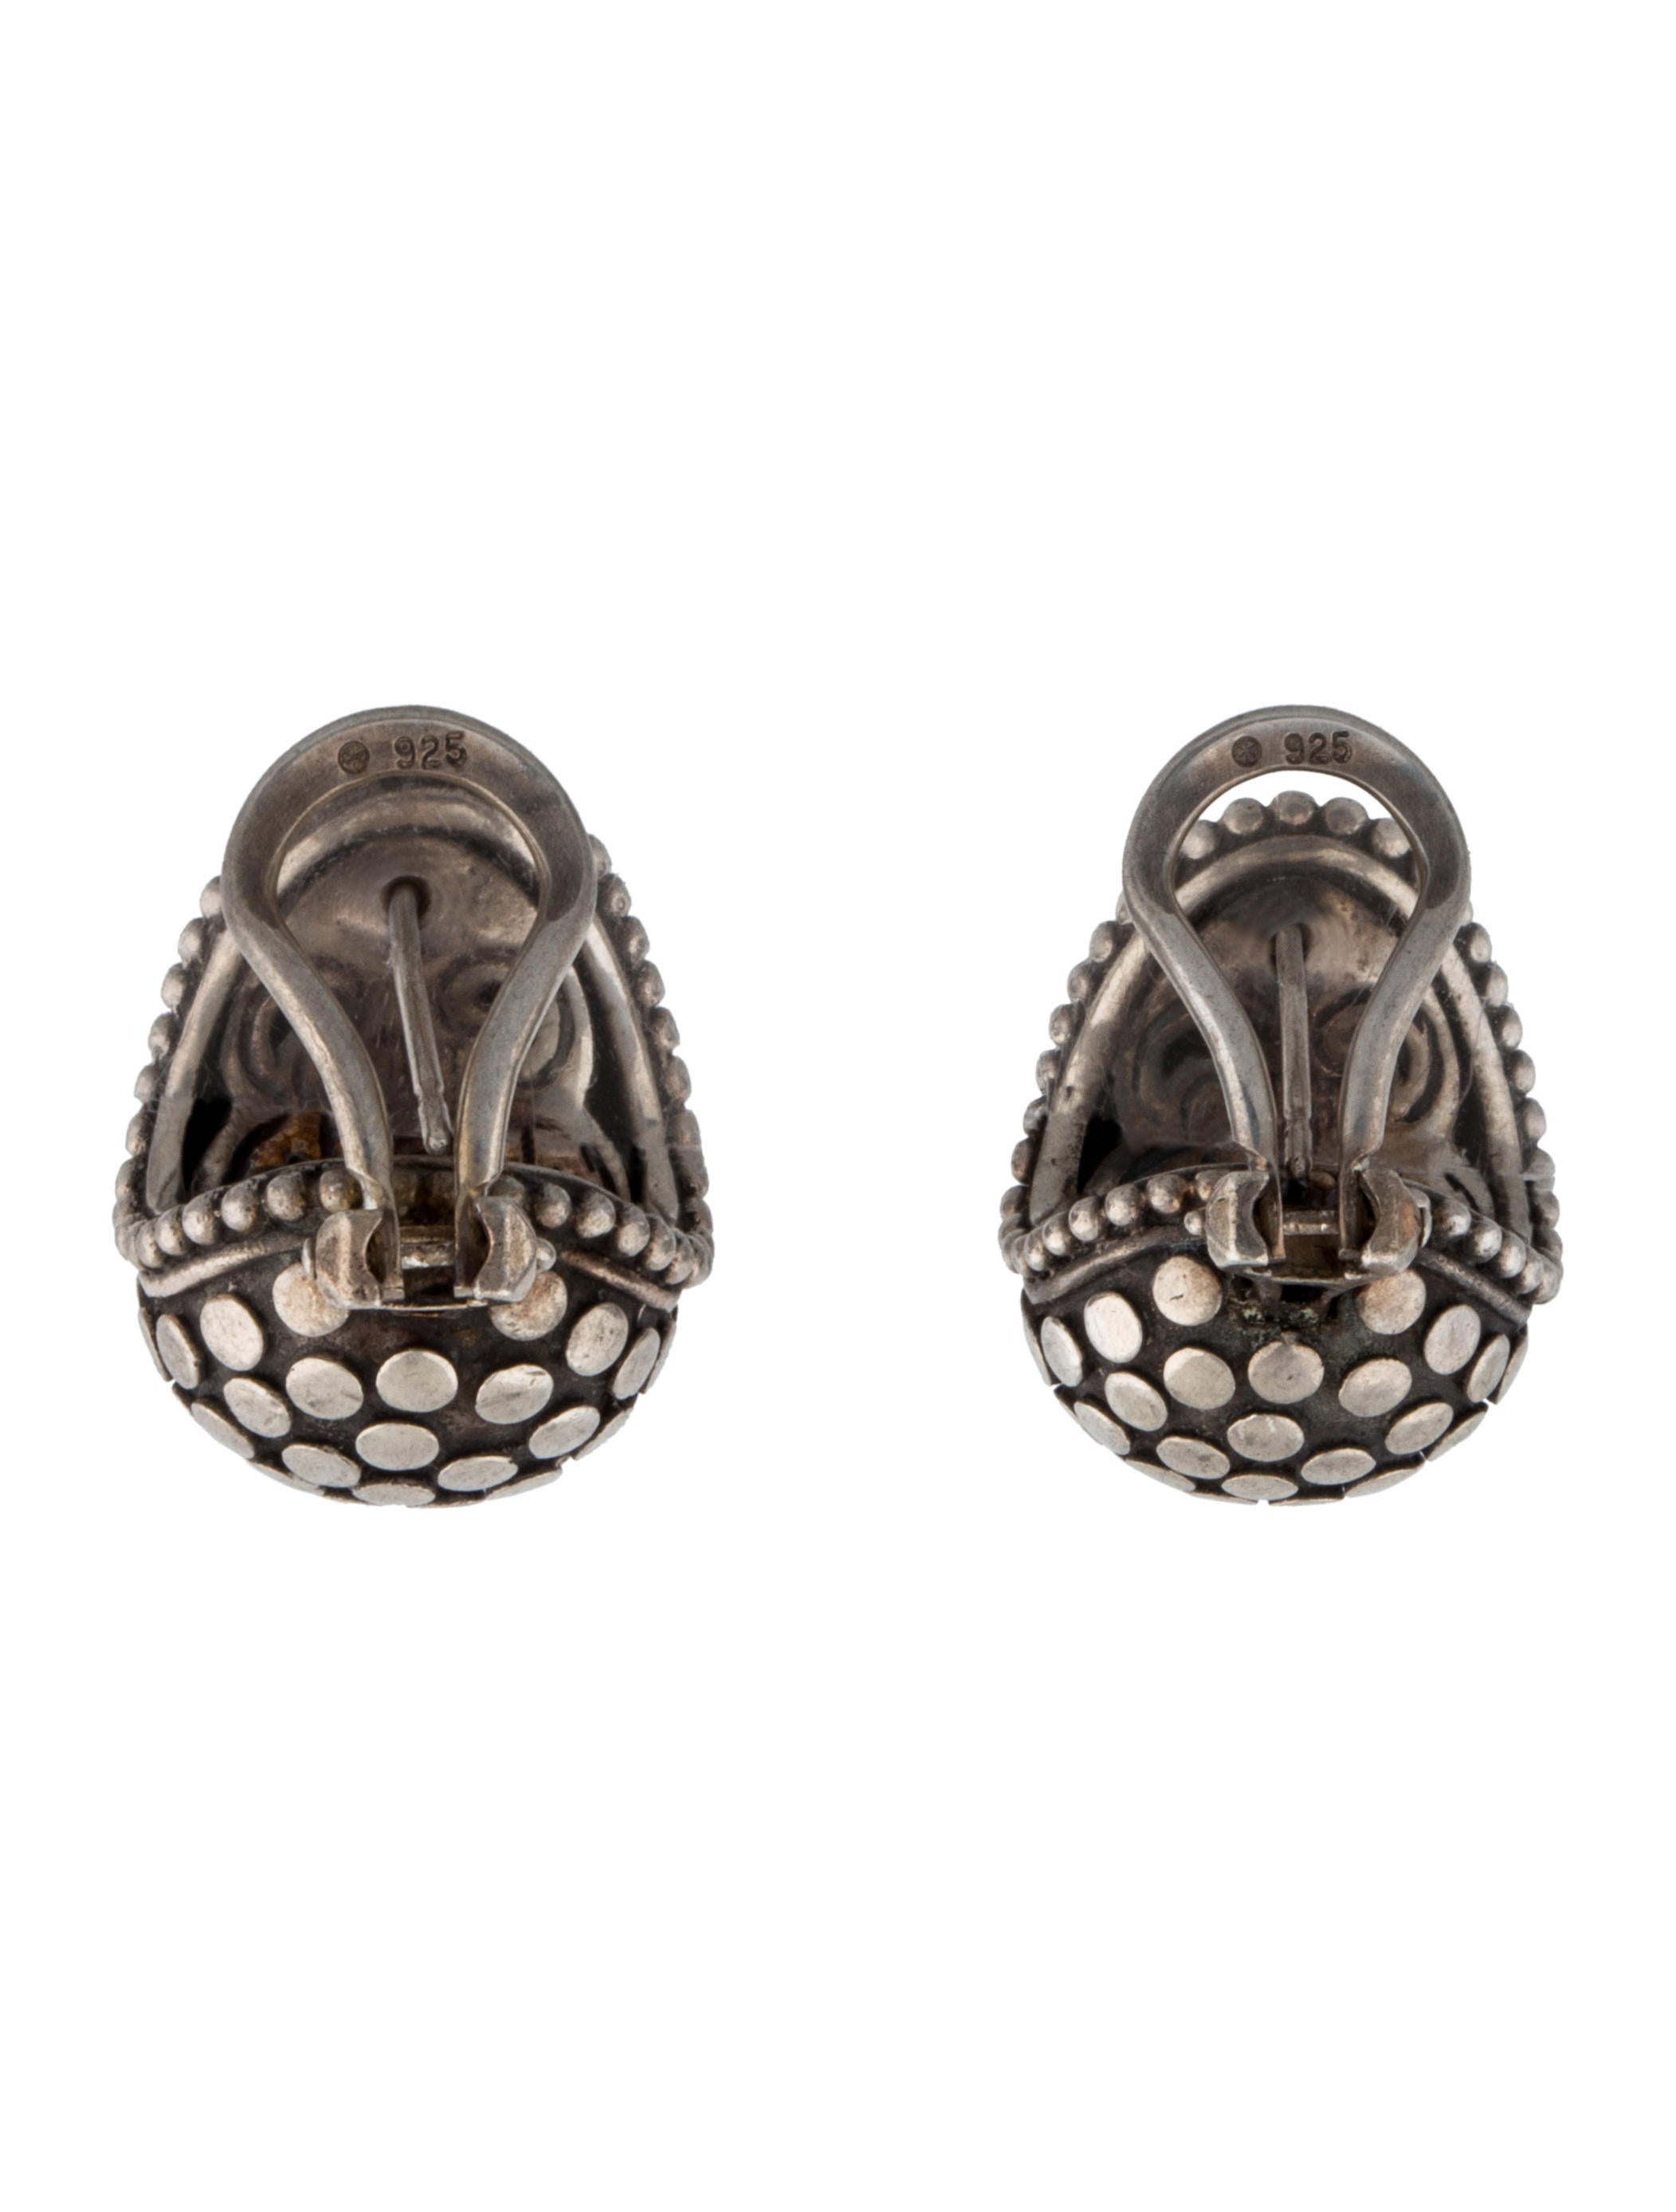 John hardy dot clip on earrings earrings jha22524 for John hardy jewelry earrings